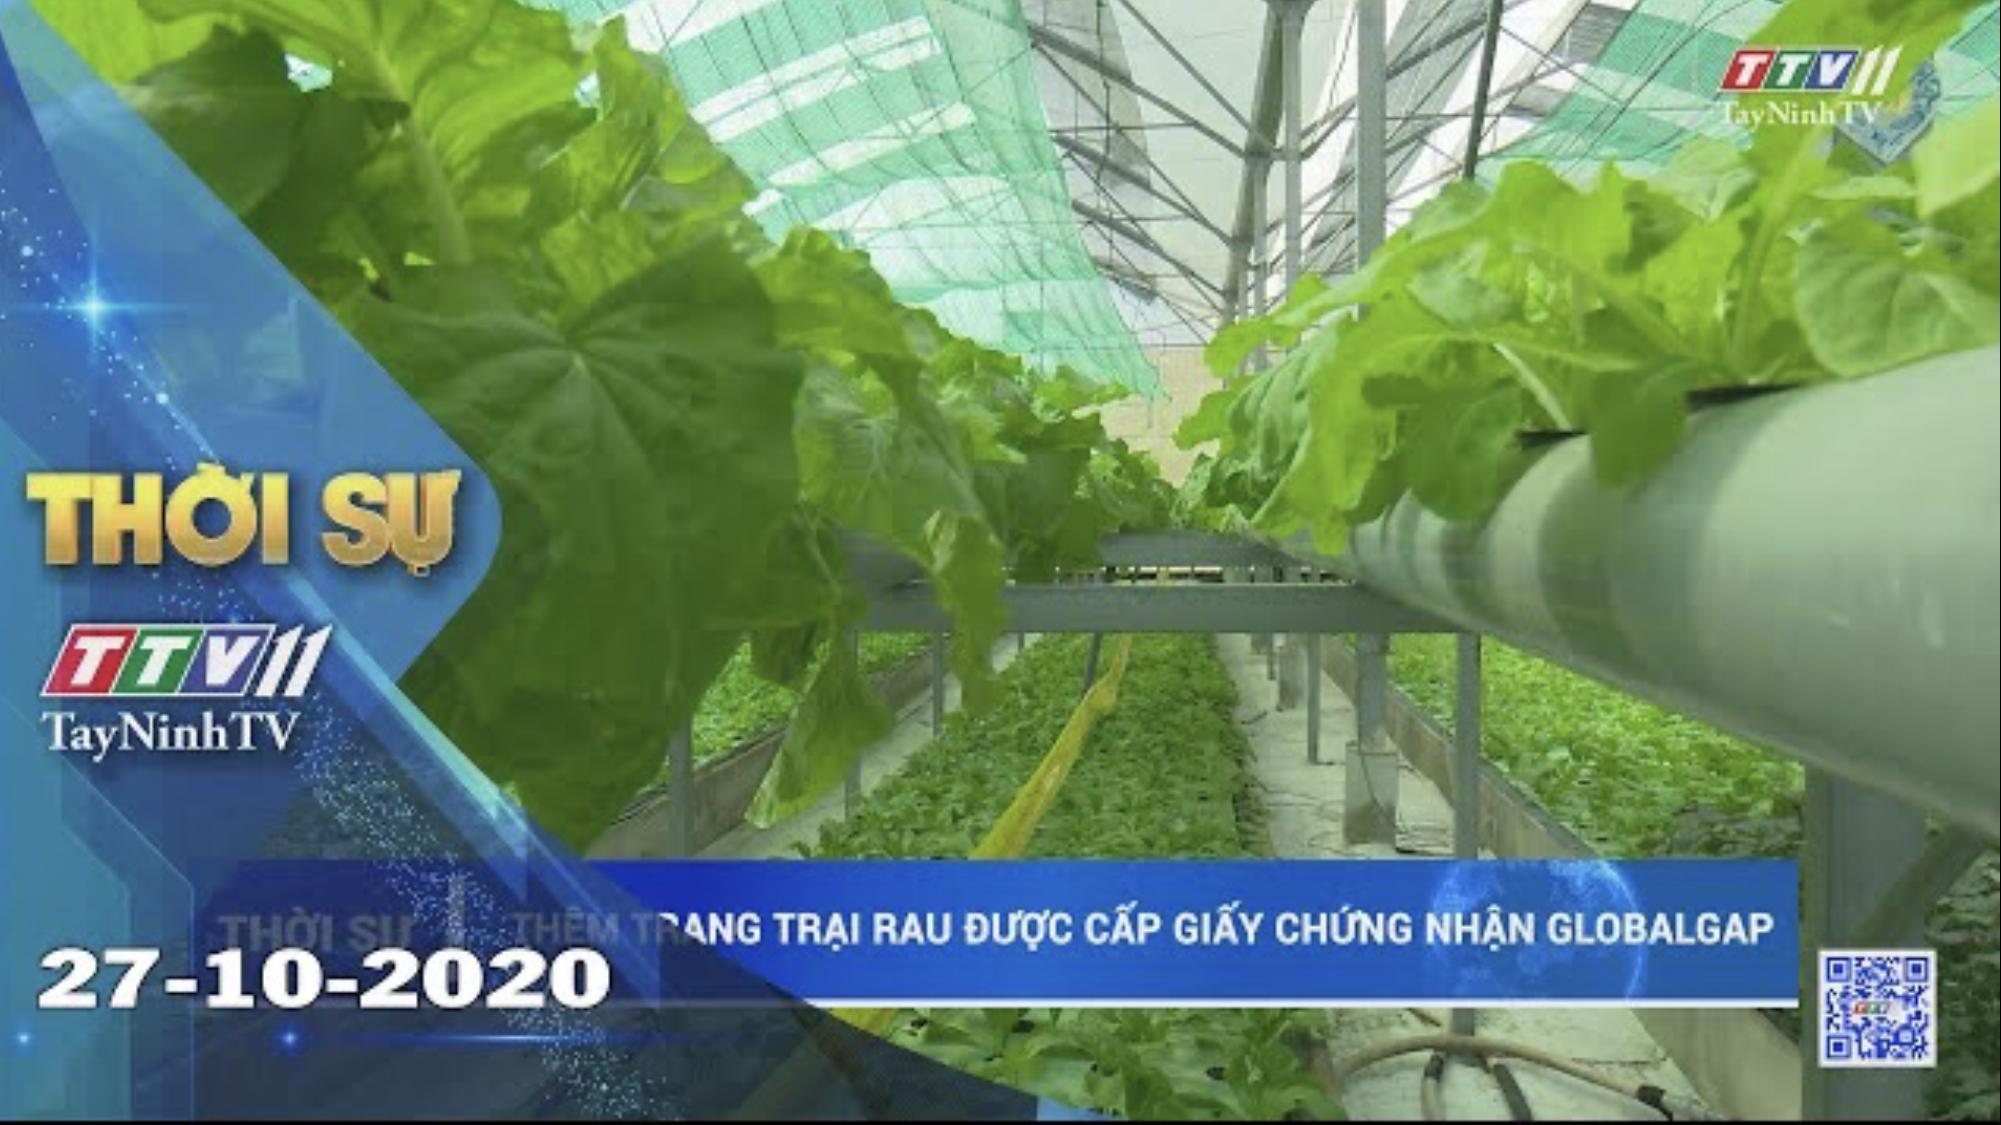 Thời sự Tây Ninh 27-10-2020 | Tin tức hôm nay | TayNinhTV